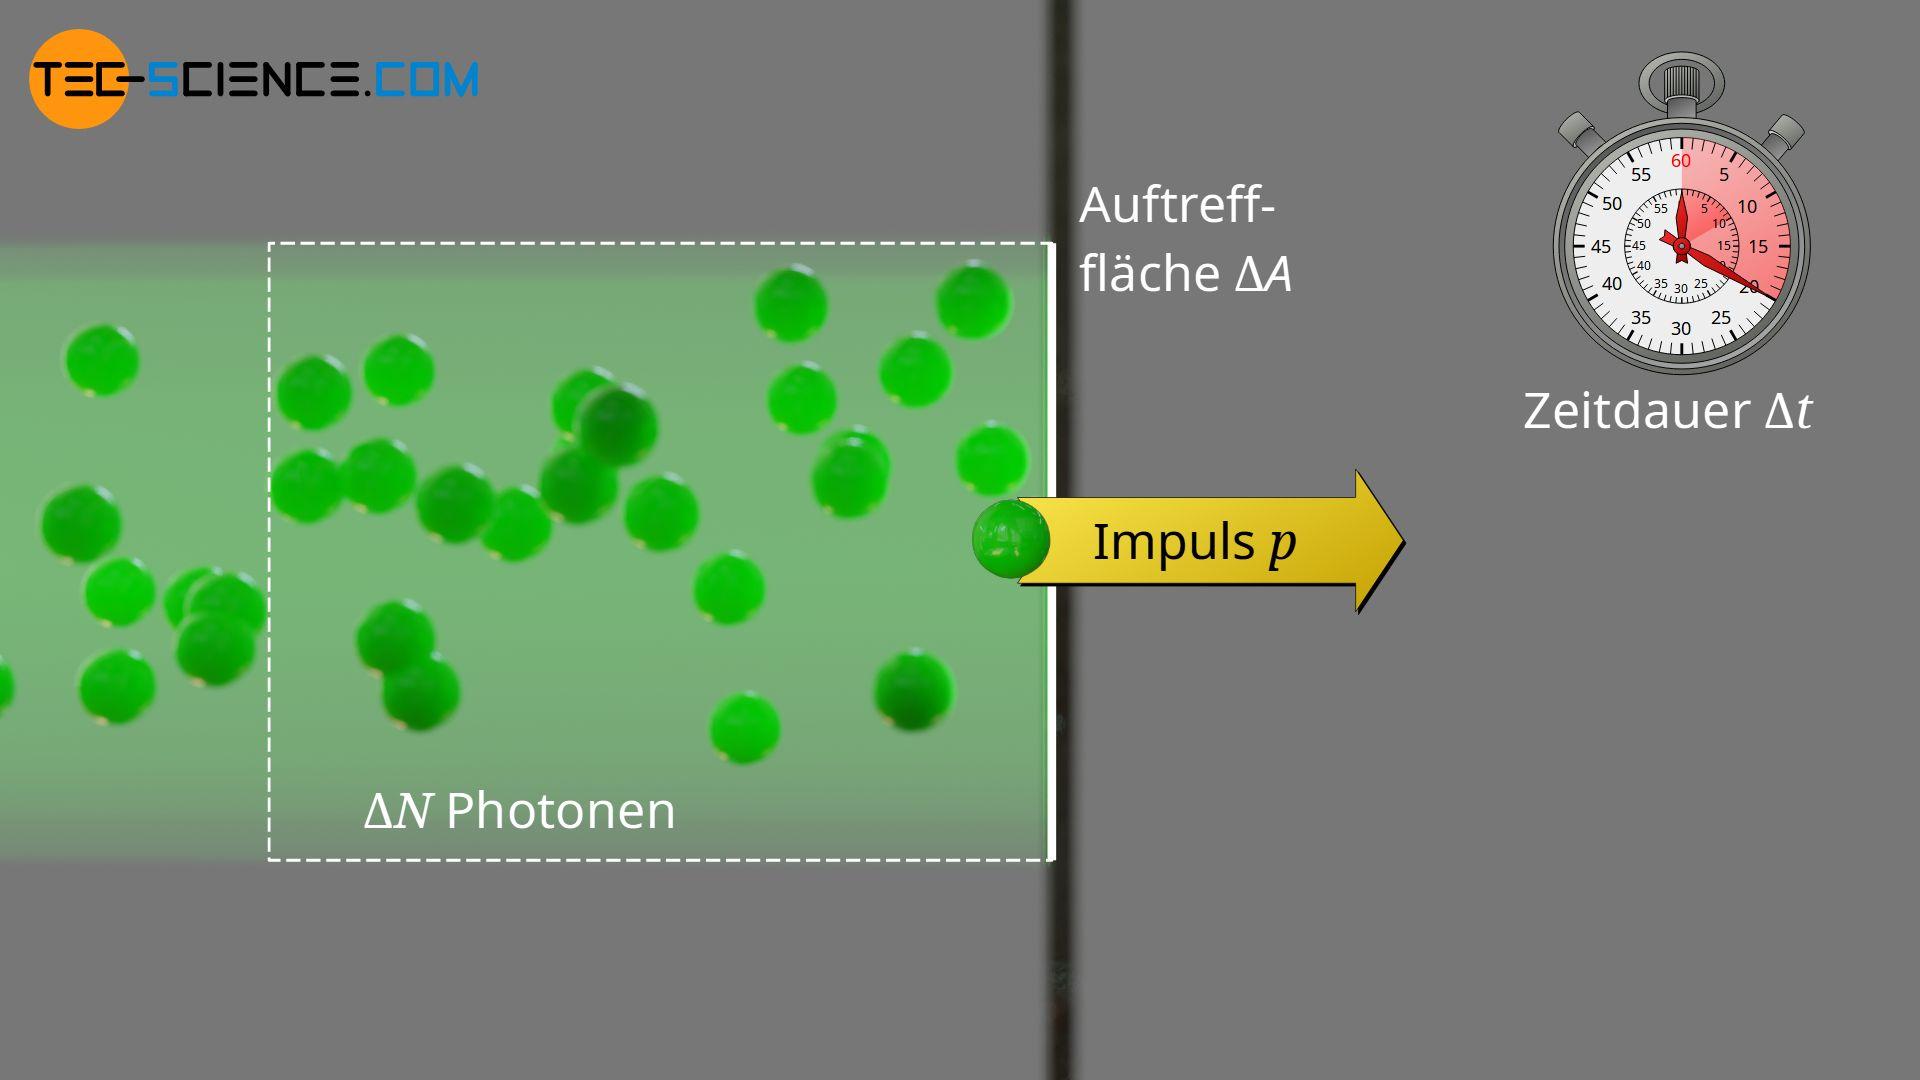 Impulsänderung der Photonen bei absorbierenden Oberflächen